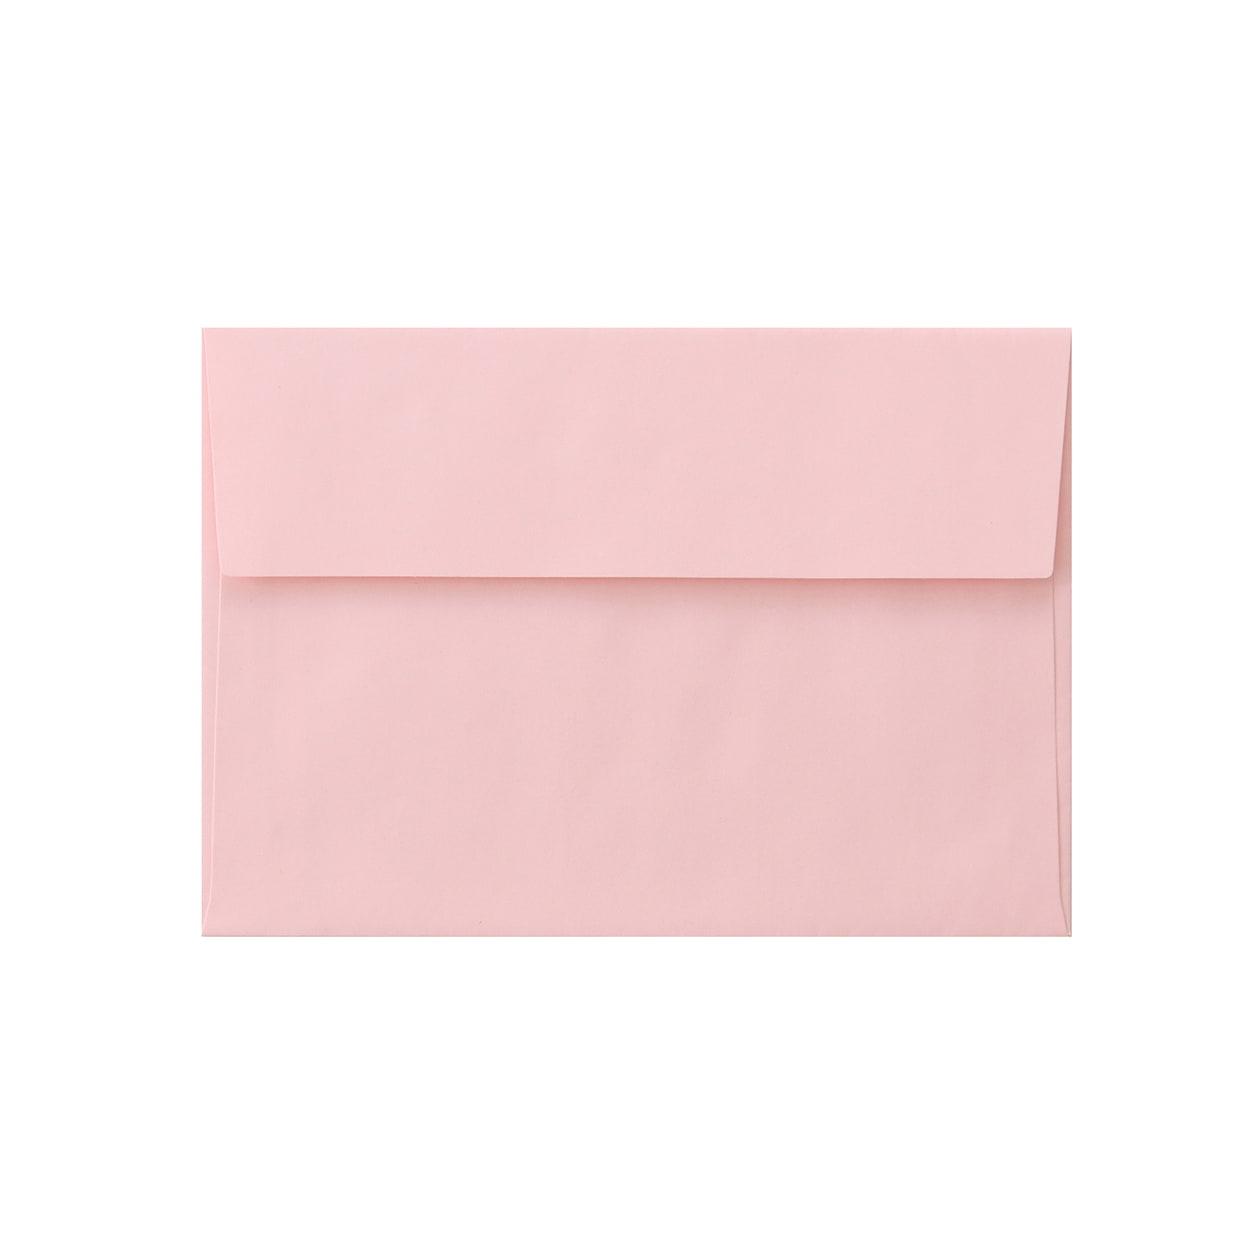 洋2カマス封筒 上質カラー ピンク 90.7g